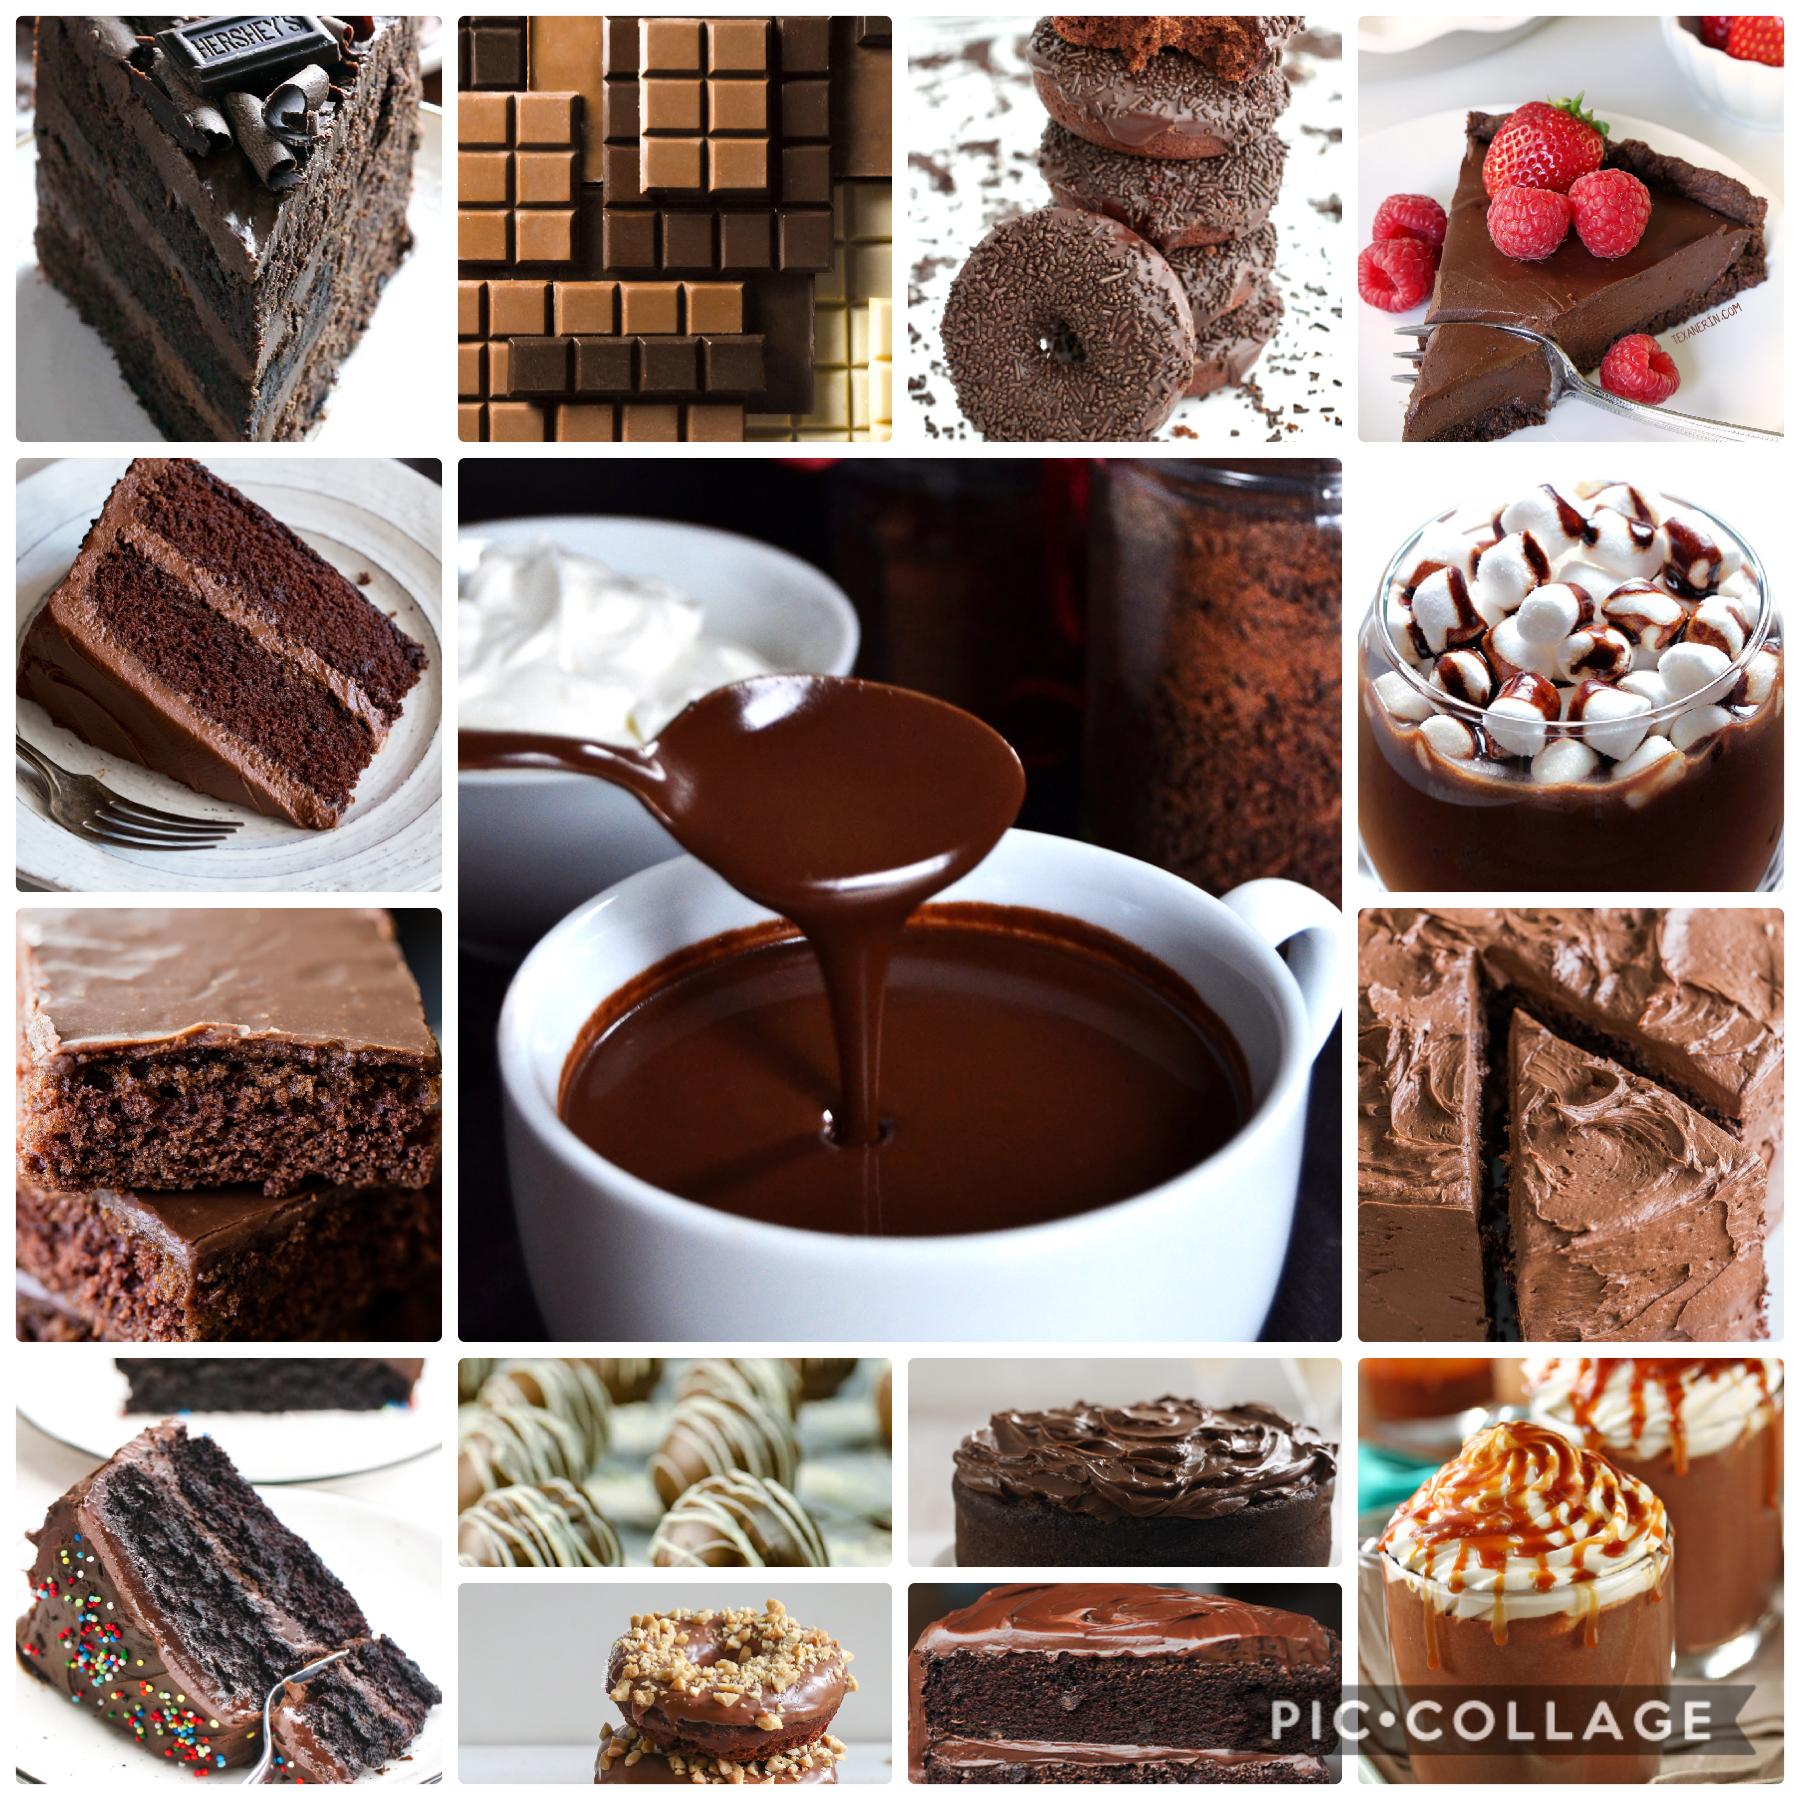 Do you like chocolate 🍫